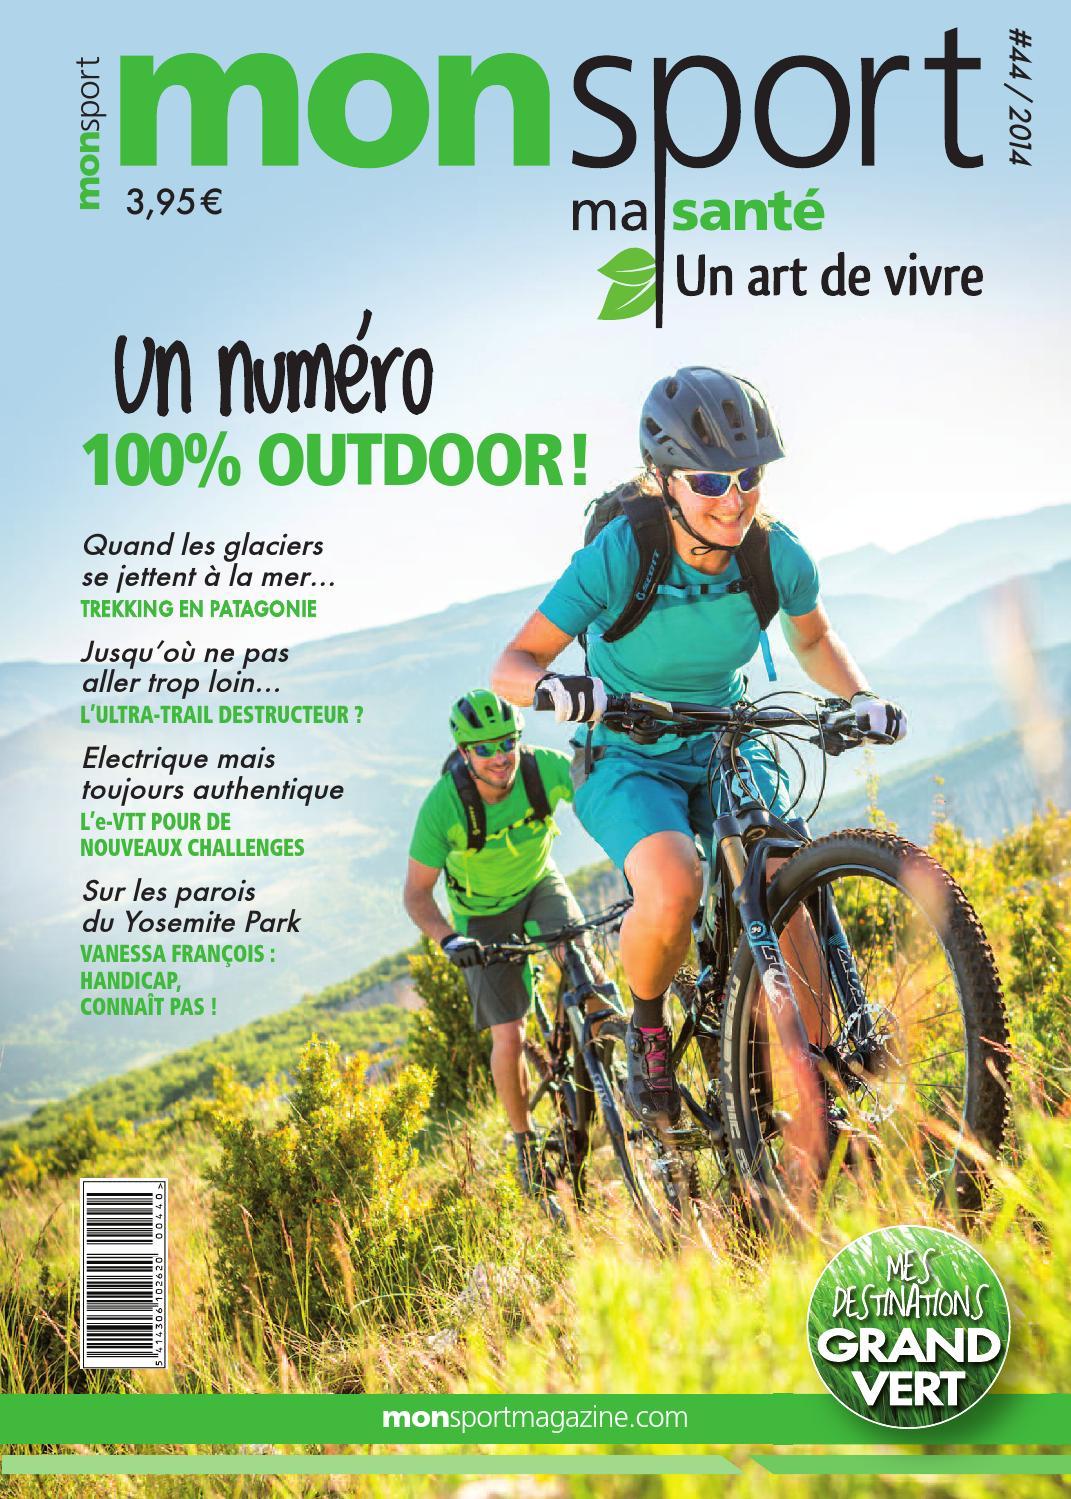 Selle référence Vélo Selle enrobage Vélo Selle Pluie Housse Selle Protection contre la pluie de